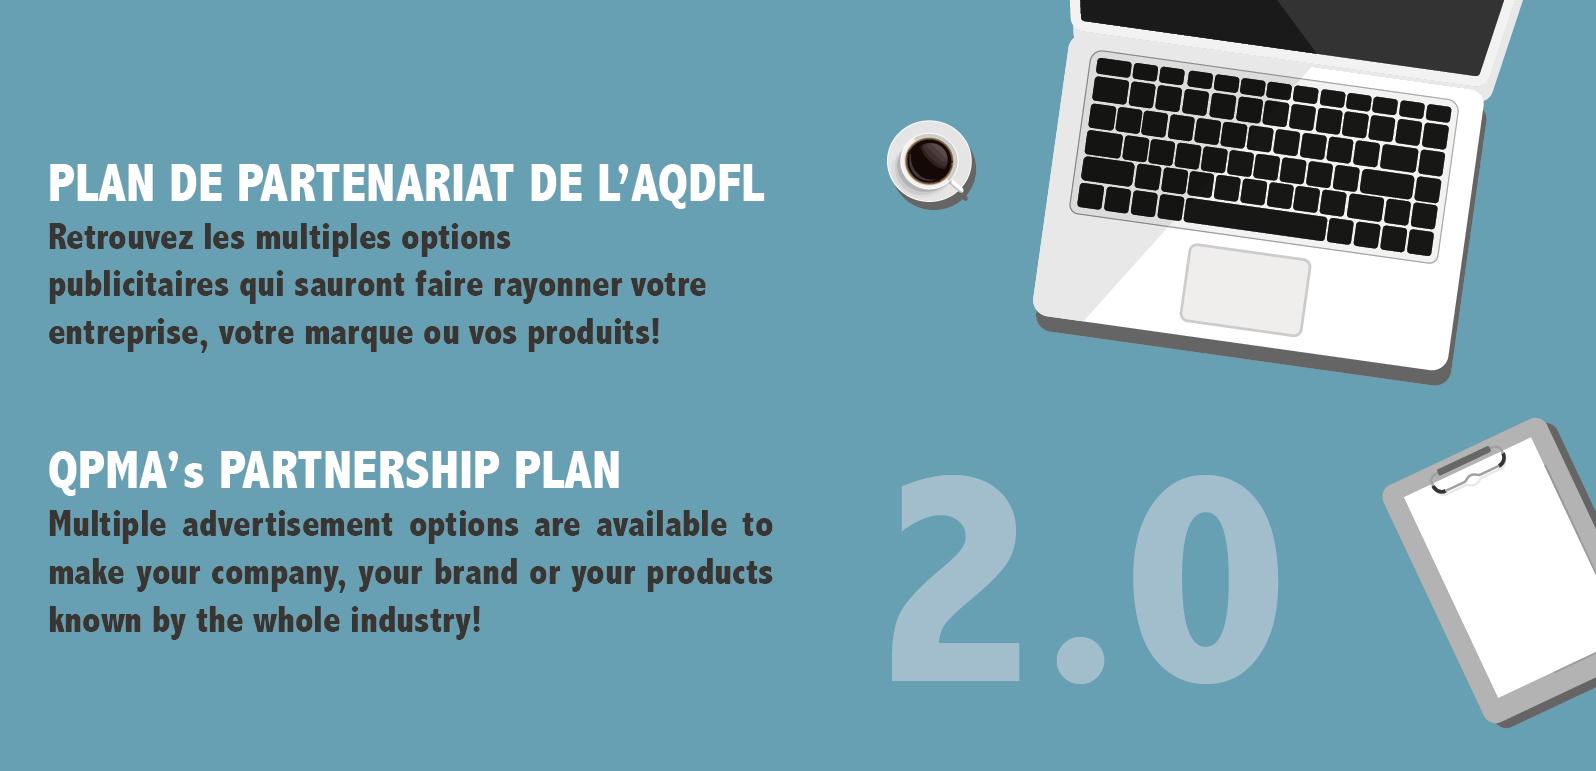 Plan de partenariat 2.0 de l'AQDFL : une multitude d'opportunités !